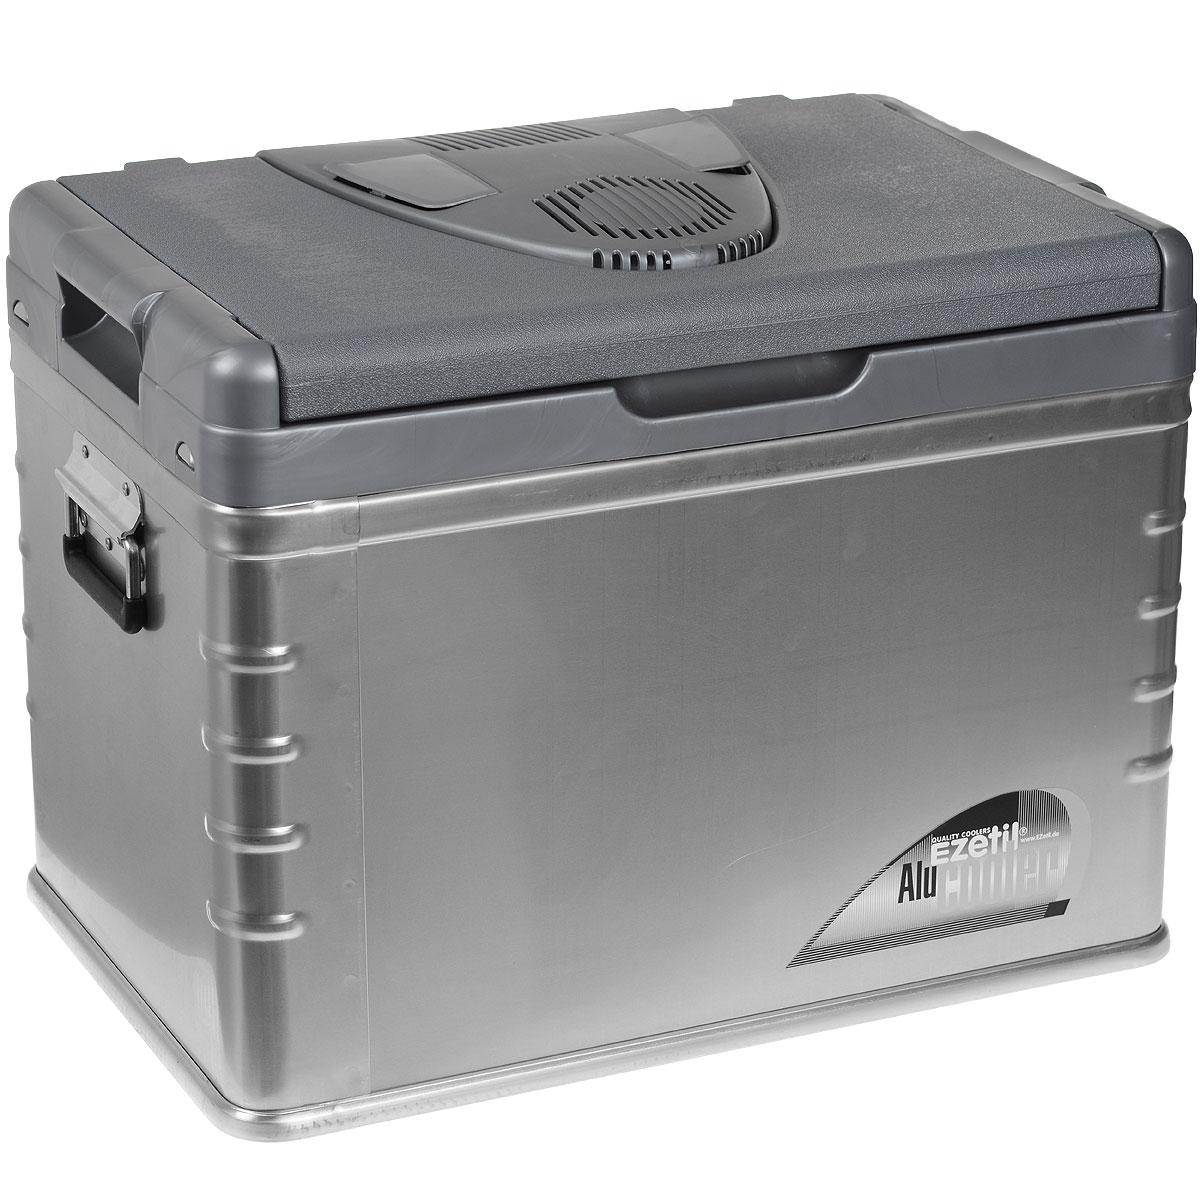 Термоэлектрический контейнер охлаждения Ezetil E45 ALU 12V, 42 л772210Термоэлектрический контейнер охлаждения Ezetil предназначен для использования в салоне автомобиля в качестве портативного холодильника. Контейнер выполнен из высококачественного пластика с отделкой алюминиевыми панелями, корпус гладкий, эргономичного дизайна, ударопрочный. Внутренняя камера изготовлена из экологически чистого пищевого пластика. Принцип действия термоэлектрического контейнера (холодильника) основан на свойстве полупроводниковых пластин, это свойство получило название эффект Пельтье. При протекании тока через полупроводниковую пластину одна сторона ее охлаждается (этой стороной пластина обращена внутрь контейнера), другая сторона - нагревается (эта сторона обращена наружу и охлаждается вентилятором). Дополнительный внутренний вентилятор в холодильной камере обеспечивает быстрое и равномерное охлаждение. Мощная, не нуждающаяся в техобслуживании охлаждающая система Peltier гарантирует оптимальную производительность по холоду. Действенная изоляция с наполнителем из пеноматериала толщиной 5 см поддерживает в холодном состоянии пищу и напитки в течение длительного времени в т.ч. и без подачи электроэнергии. Для повышения эффективности термоэлектрического контейнера (холодильника), а также когда он не подключен к сети (например, на даче, на пикнике) внутрь автохолодильника можно поместить аккумуляторы холода (в комплект не входят). Специальная уплотнительная резина в крышке уменьшает образование конденсата в холодильной камере. Это особенно важно при охлаждении продуктов питания. Контейнер работает от бортовой сети автомобиля 12В. Шнур питания вмонтирован в специальный отсек на тыльной стороне крышки. Модель оснащена интеллектуальной системой энергосбережения. Контейнер имеет широко открывающуюся крышку для легкого доступа к продуктам и две усиленных ручки по бокам для удобной переноски. Крышка плотно и герметично закрывается. Контейнер очень вместительный. Конструкция крышки и форм-факто